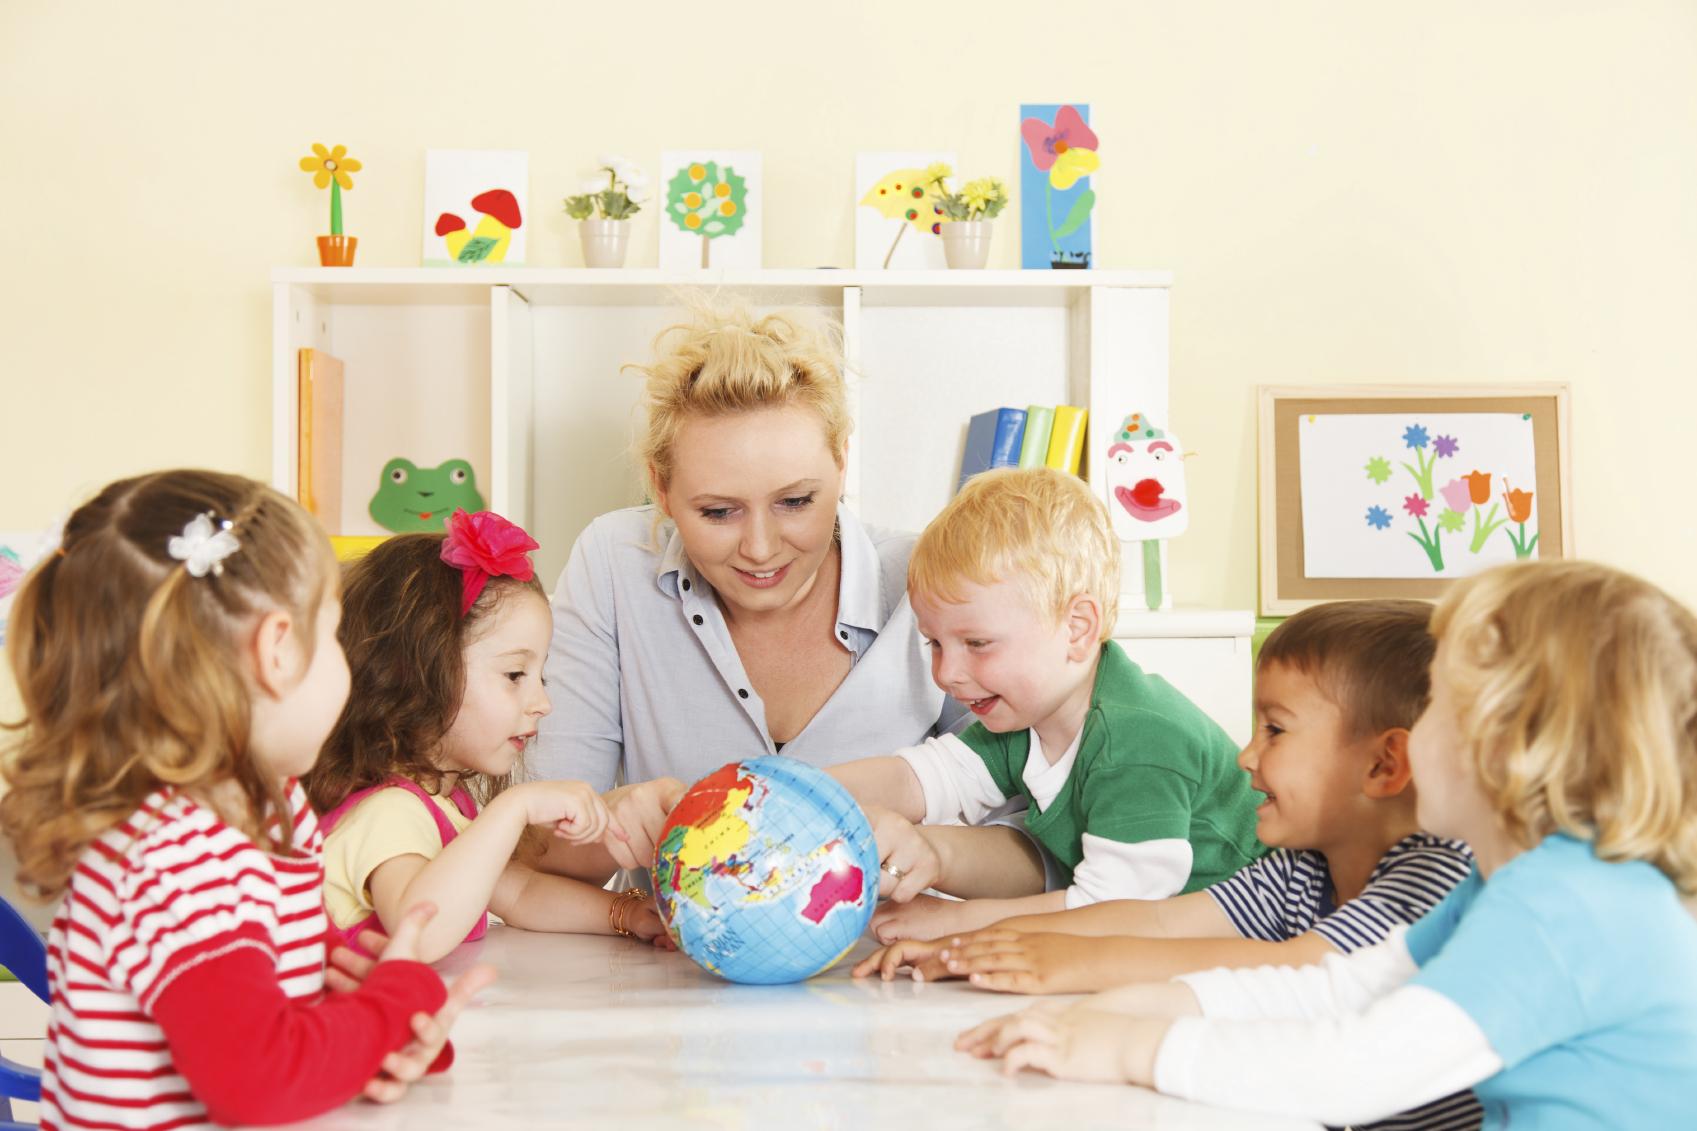 Things Children Learn From Preschool